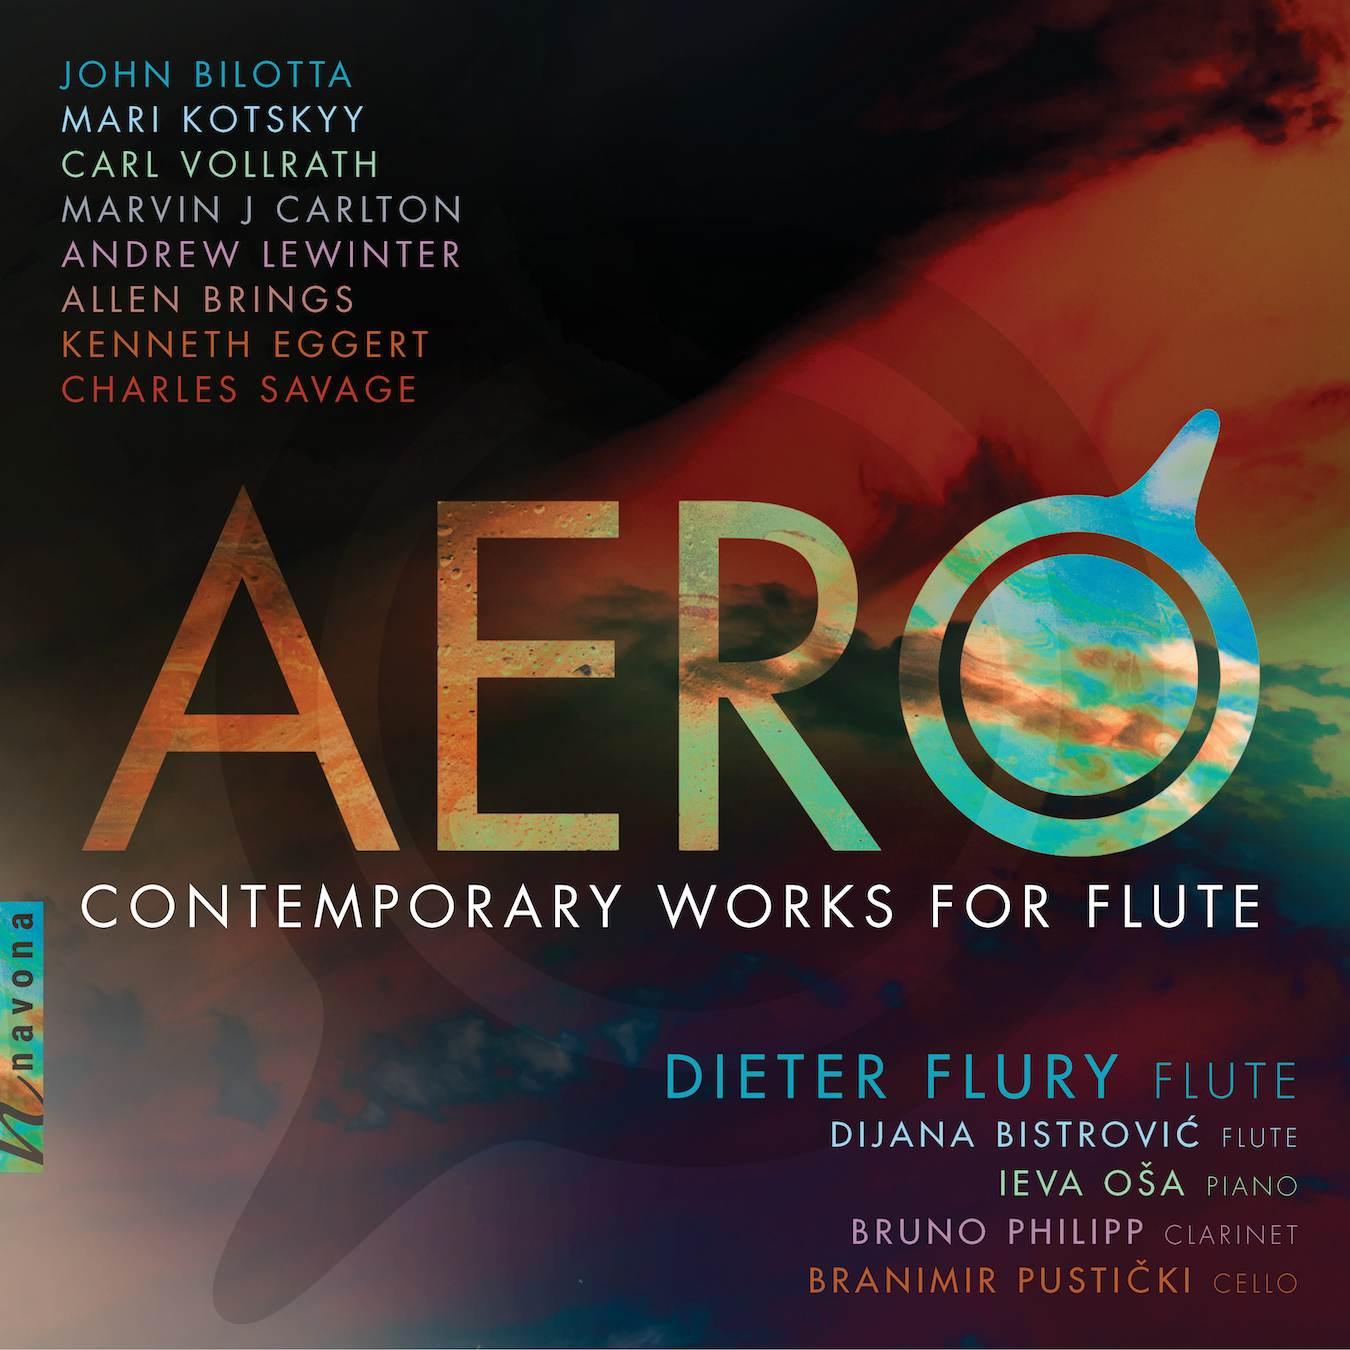 AERO album cover